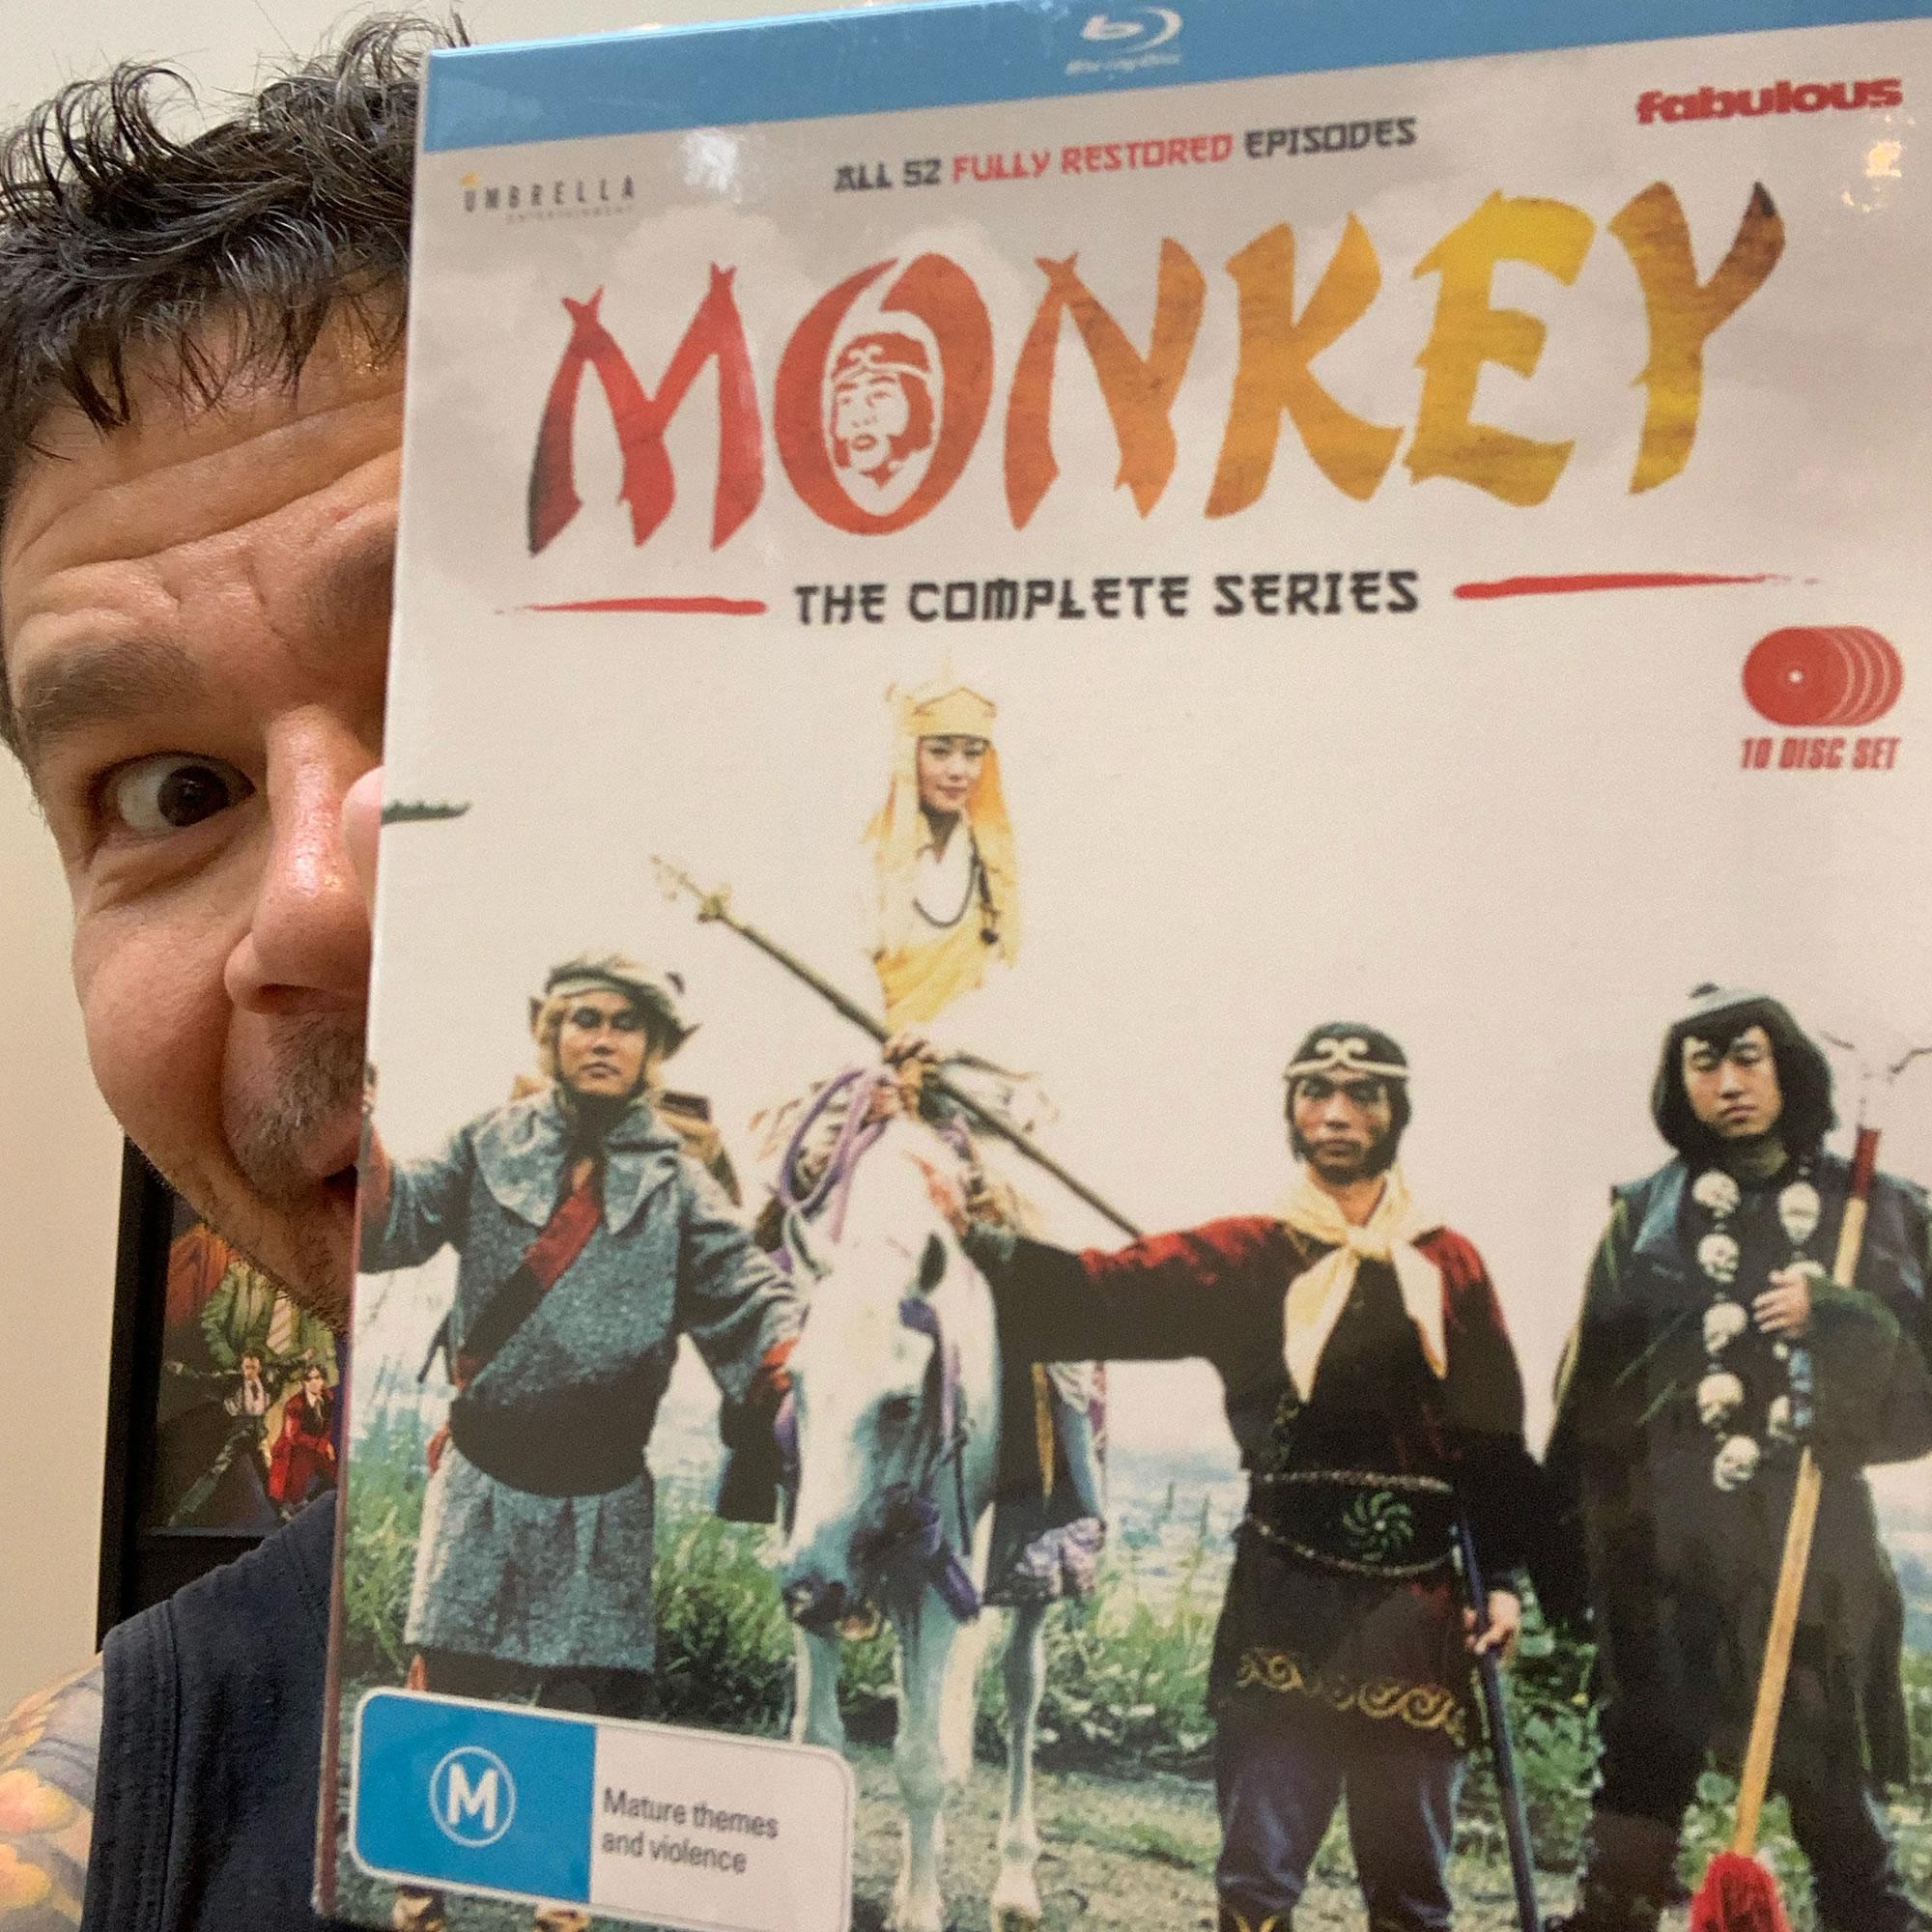 Dylan&Monkey